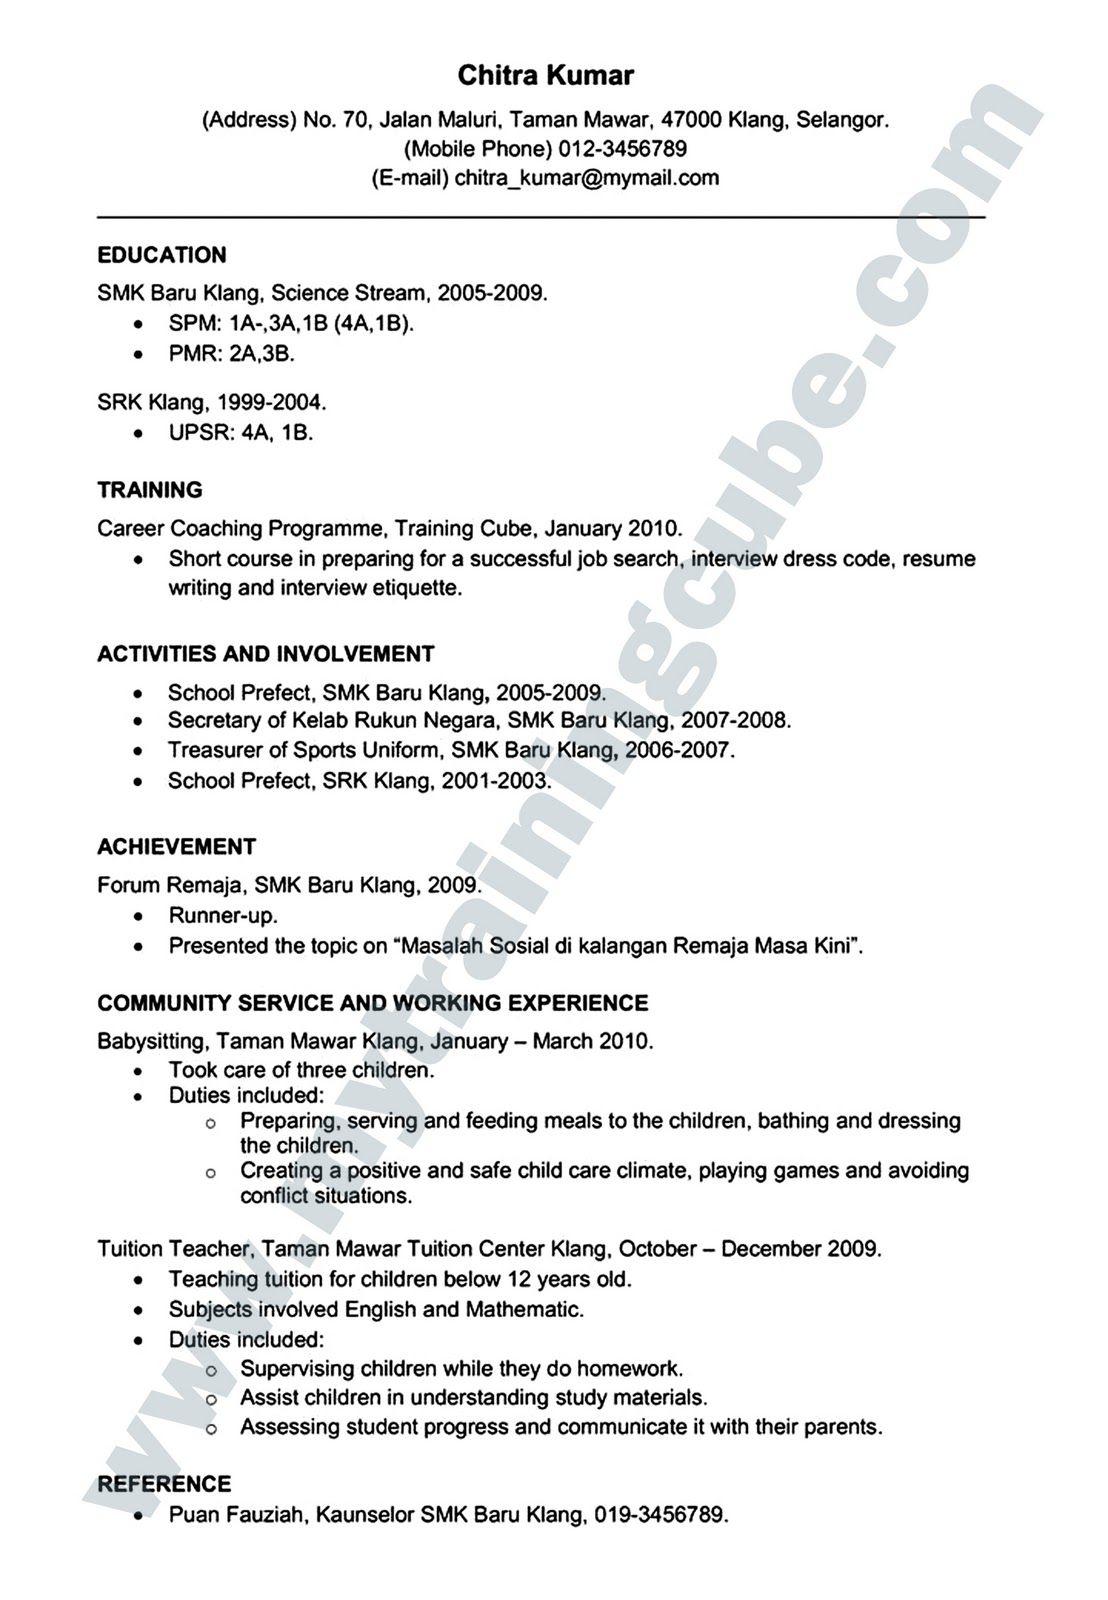 Buat Resume Cv Online